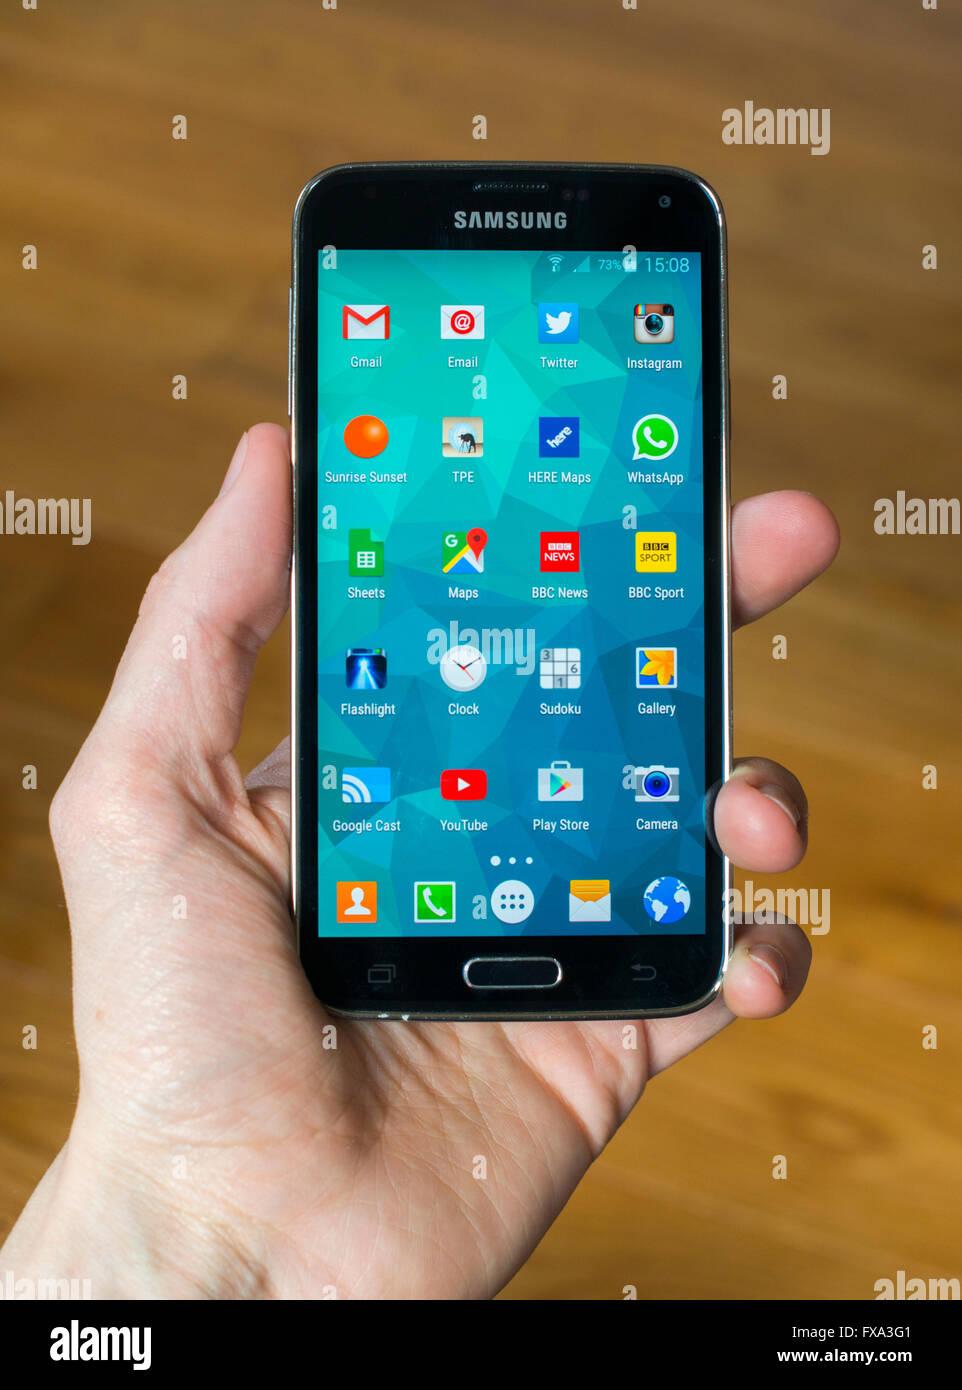 Une main tenant un Samsung S5 Téléphone avec l'écran d'accueil ouverte montrant des applications. Photo Stock